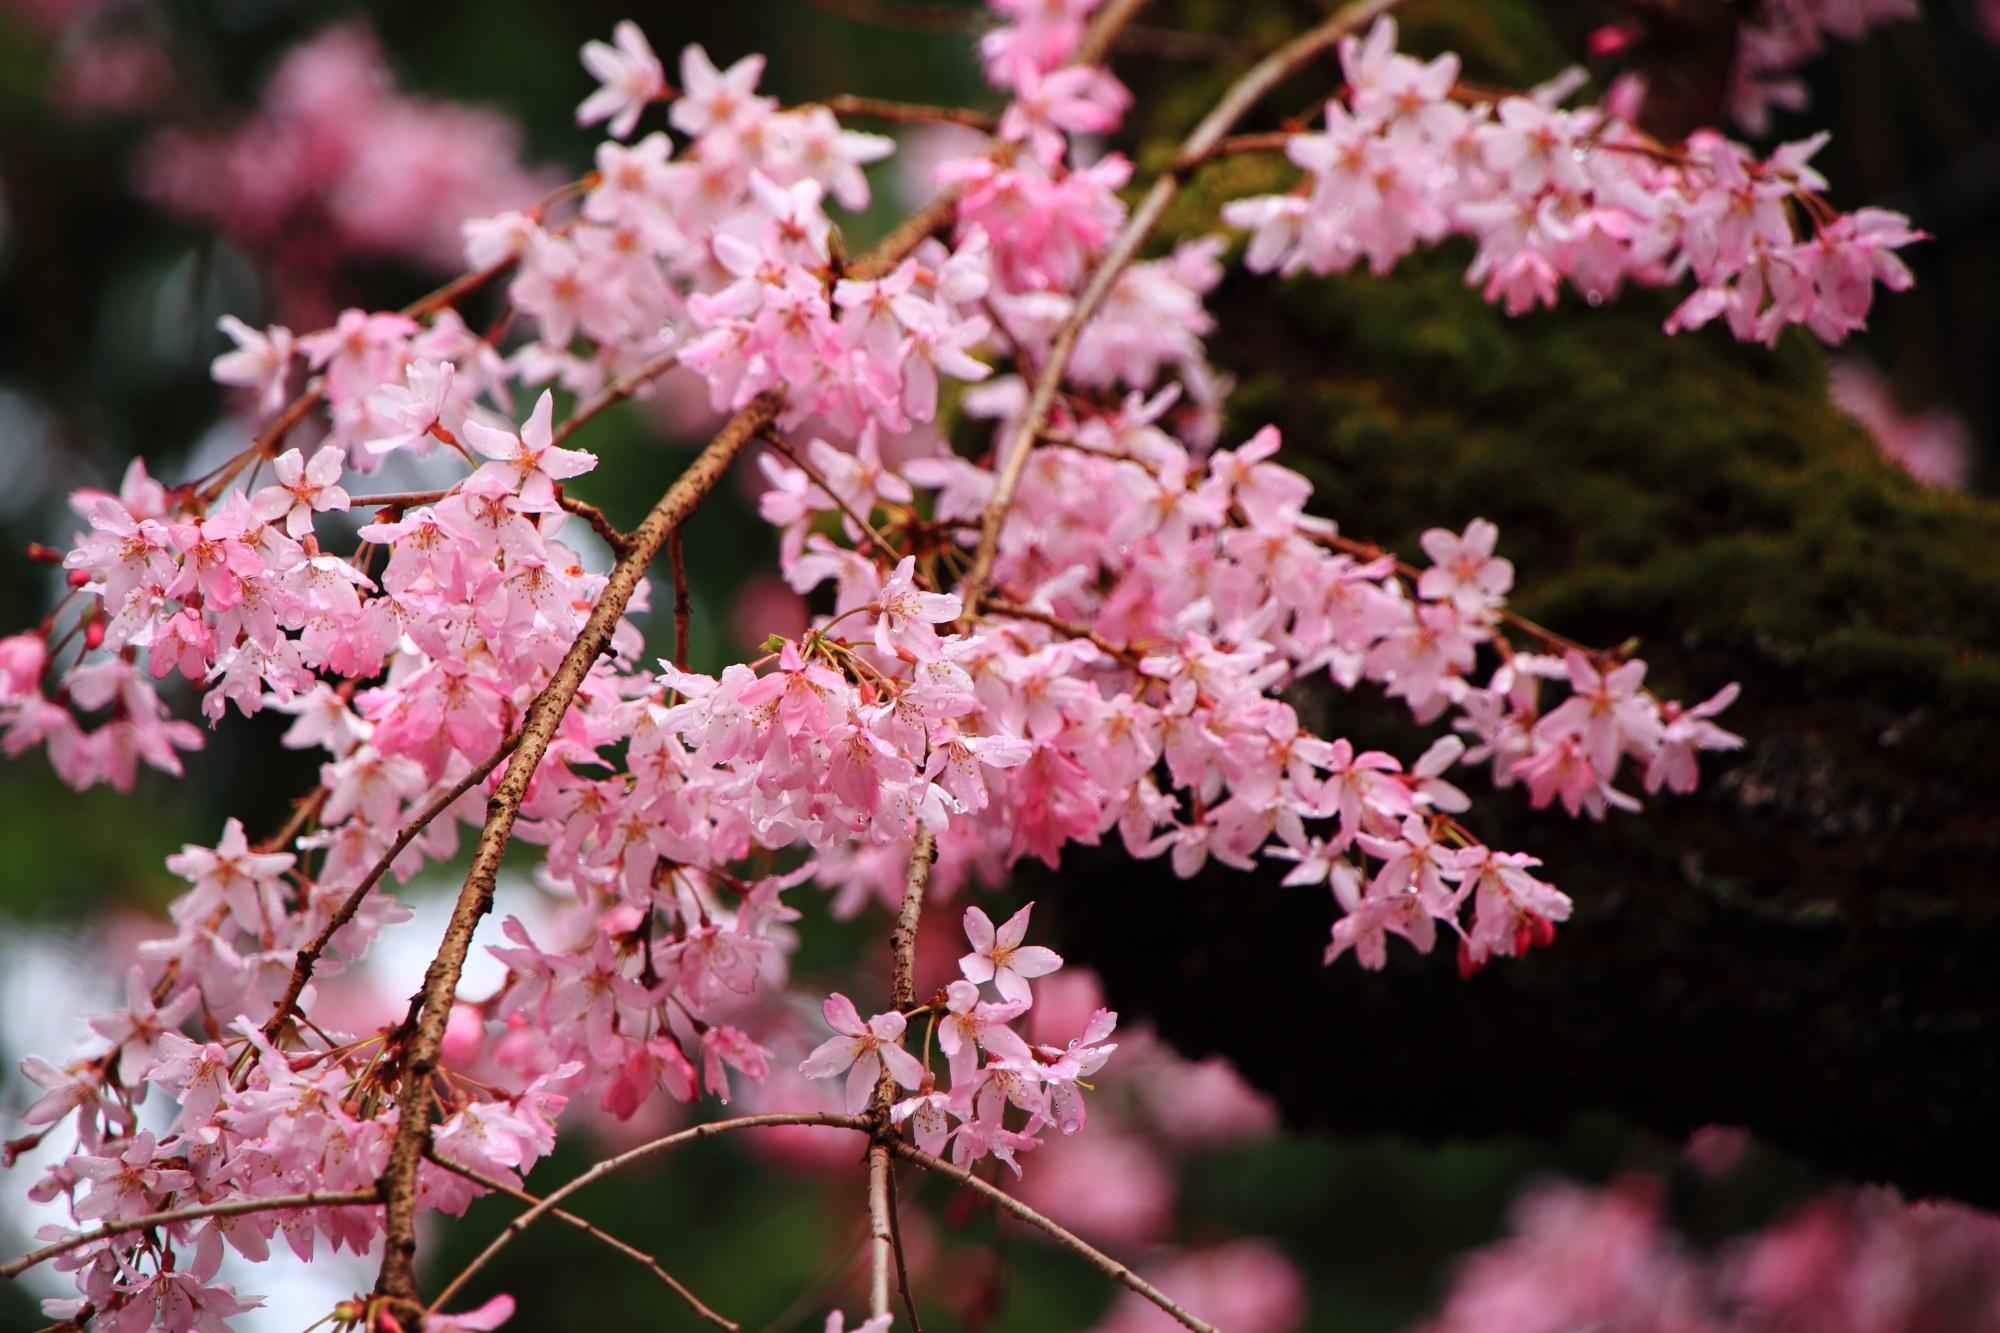 上品に咲く色鮮やかなピンクの花